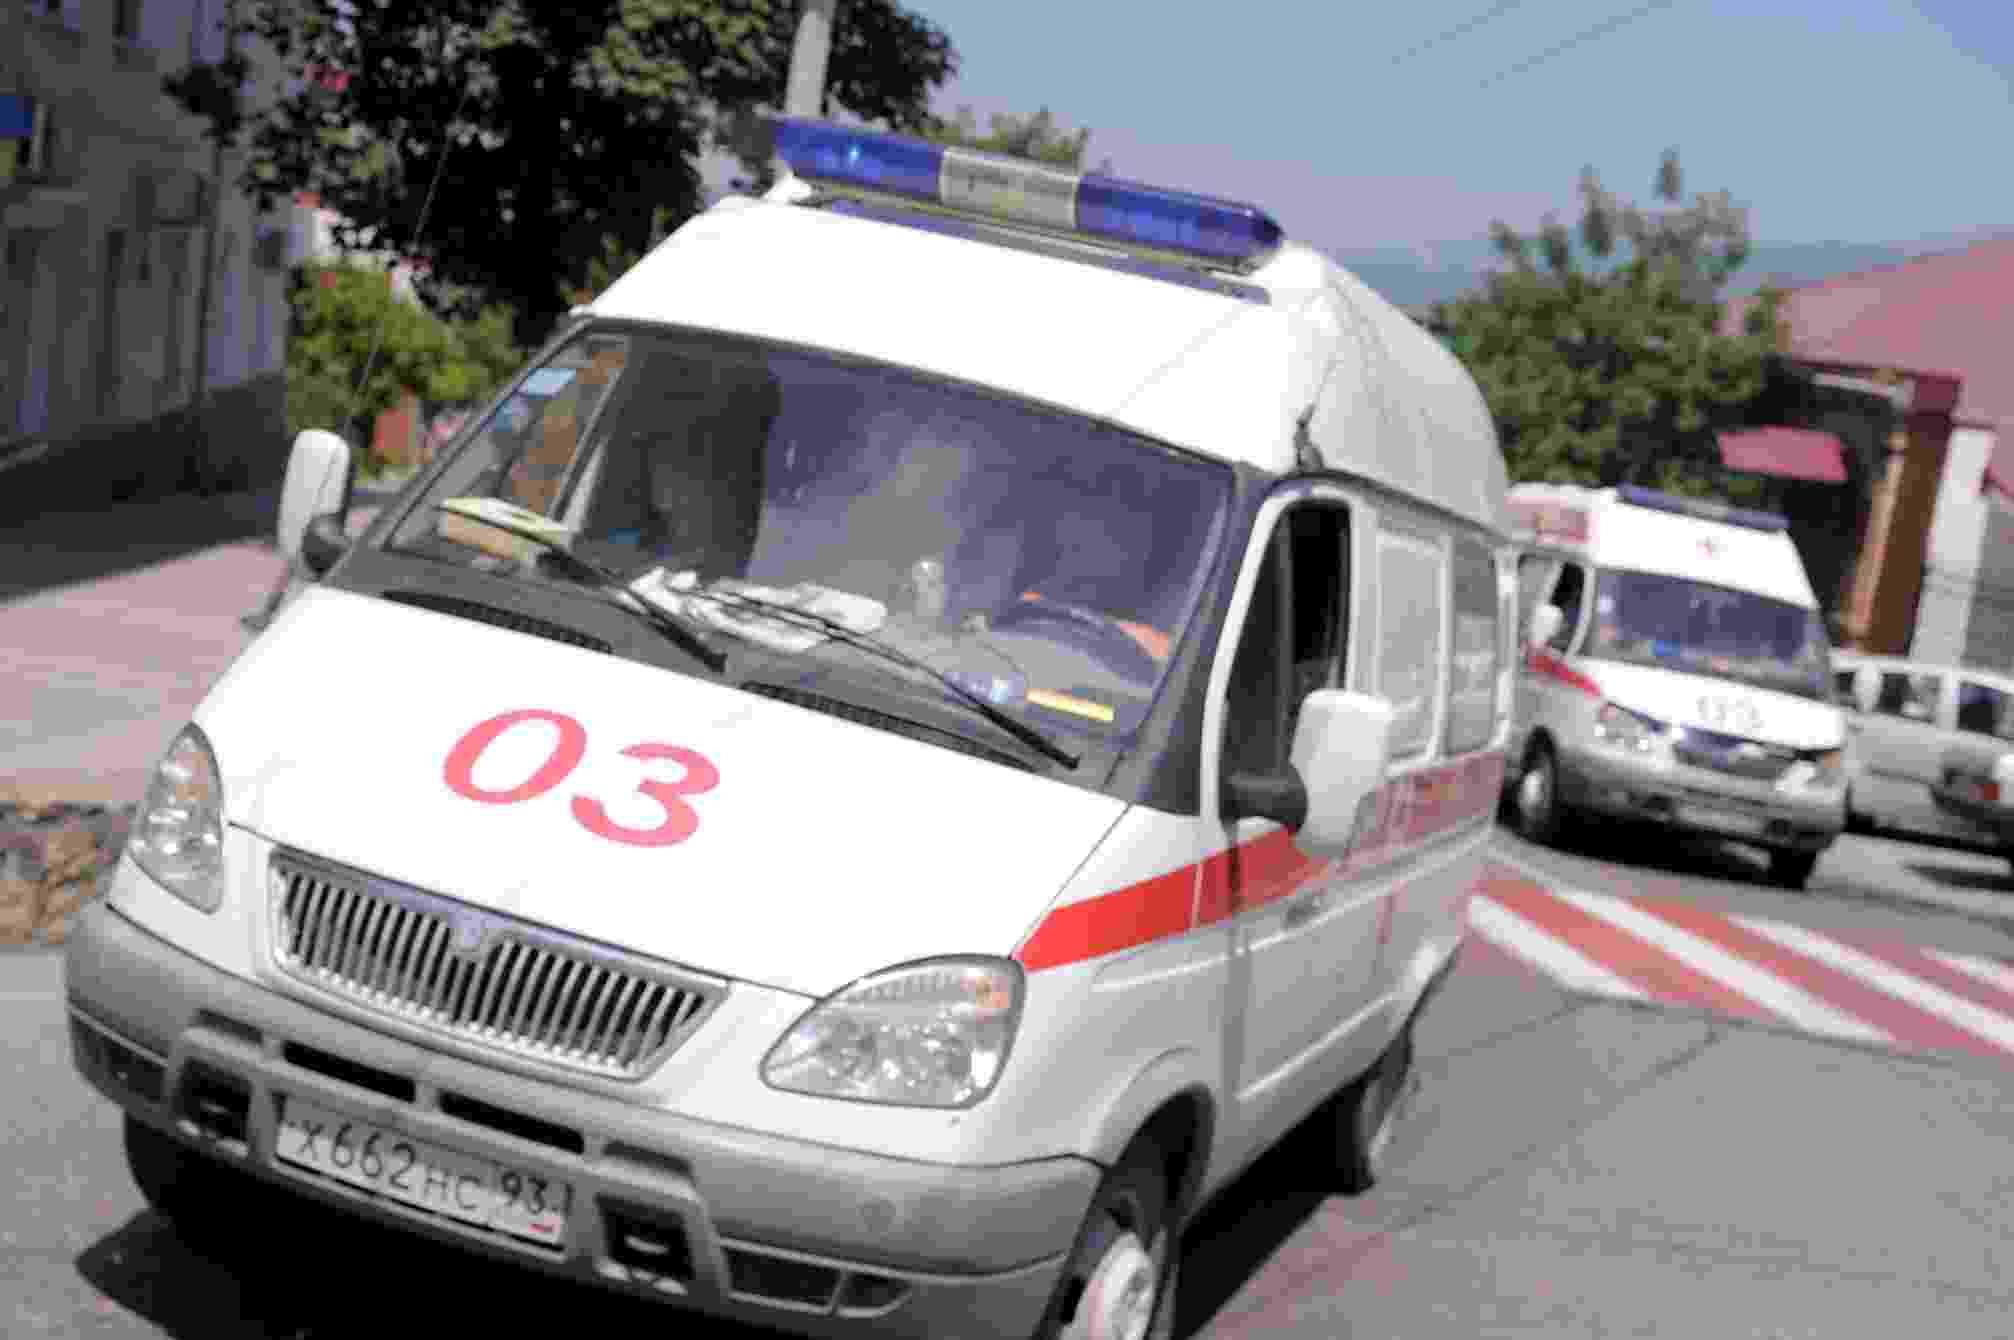 Участника ДТП в Новороссийске пришлось срочно госпитализировать